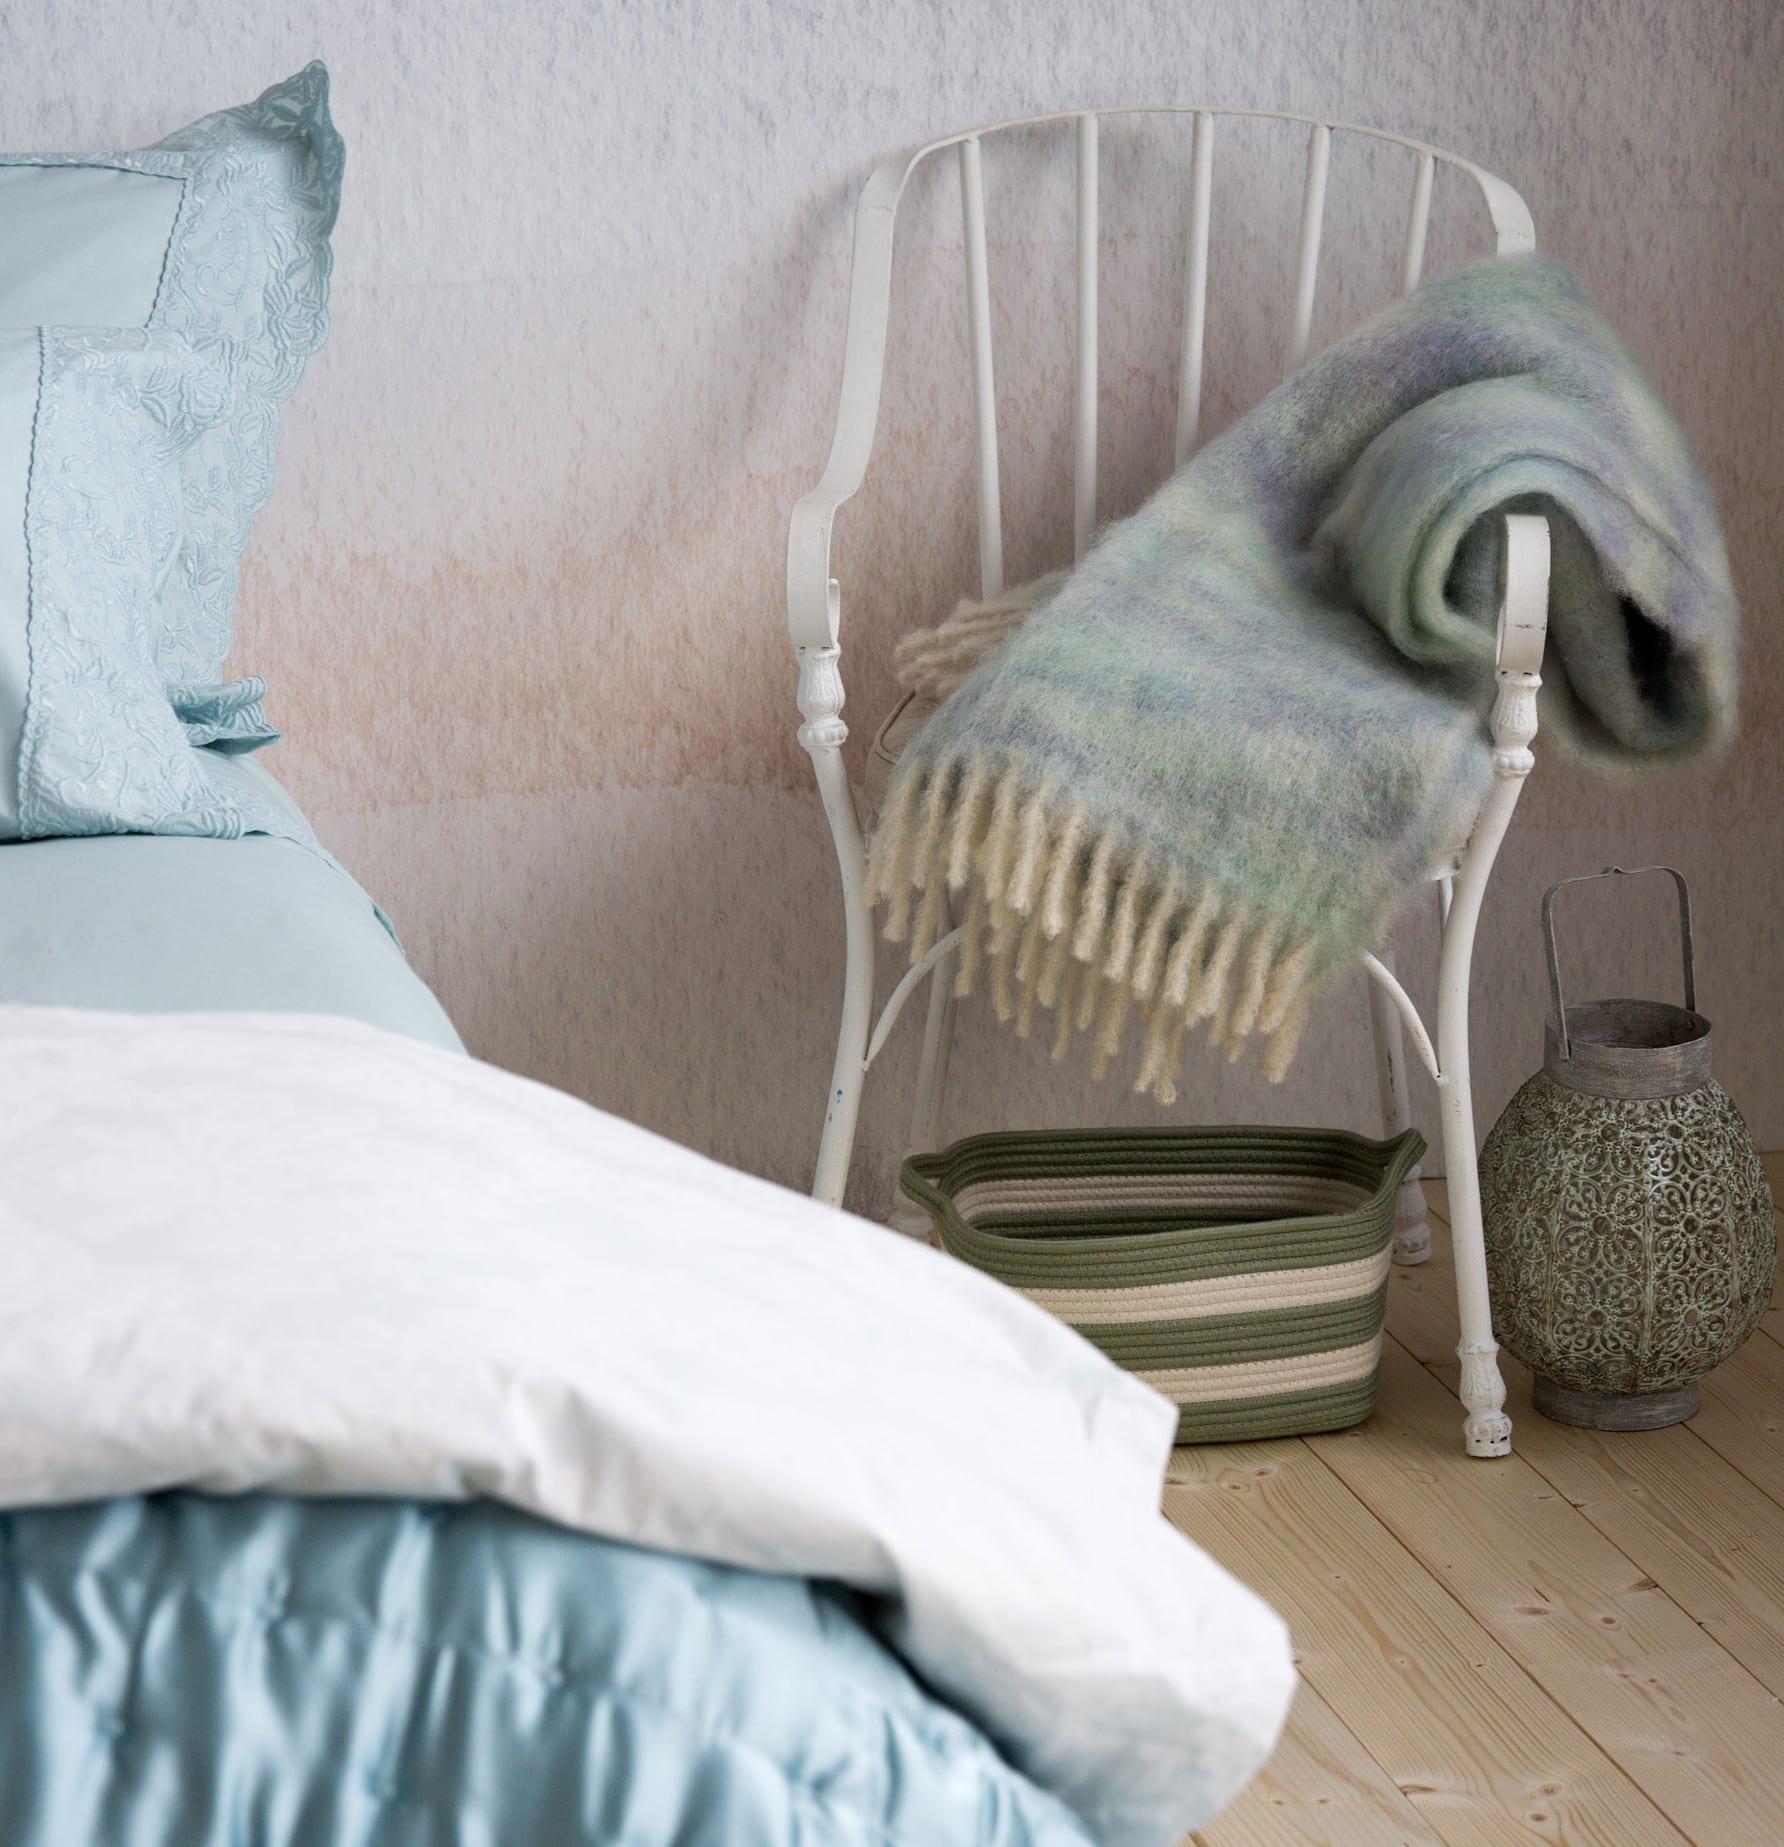 schlafzimmer gestalten in blau mit zara home bettwäsche und zara decke aus mohair